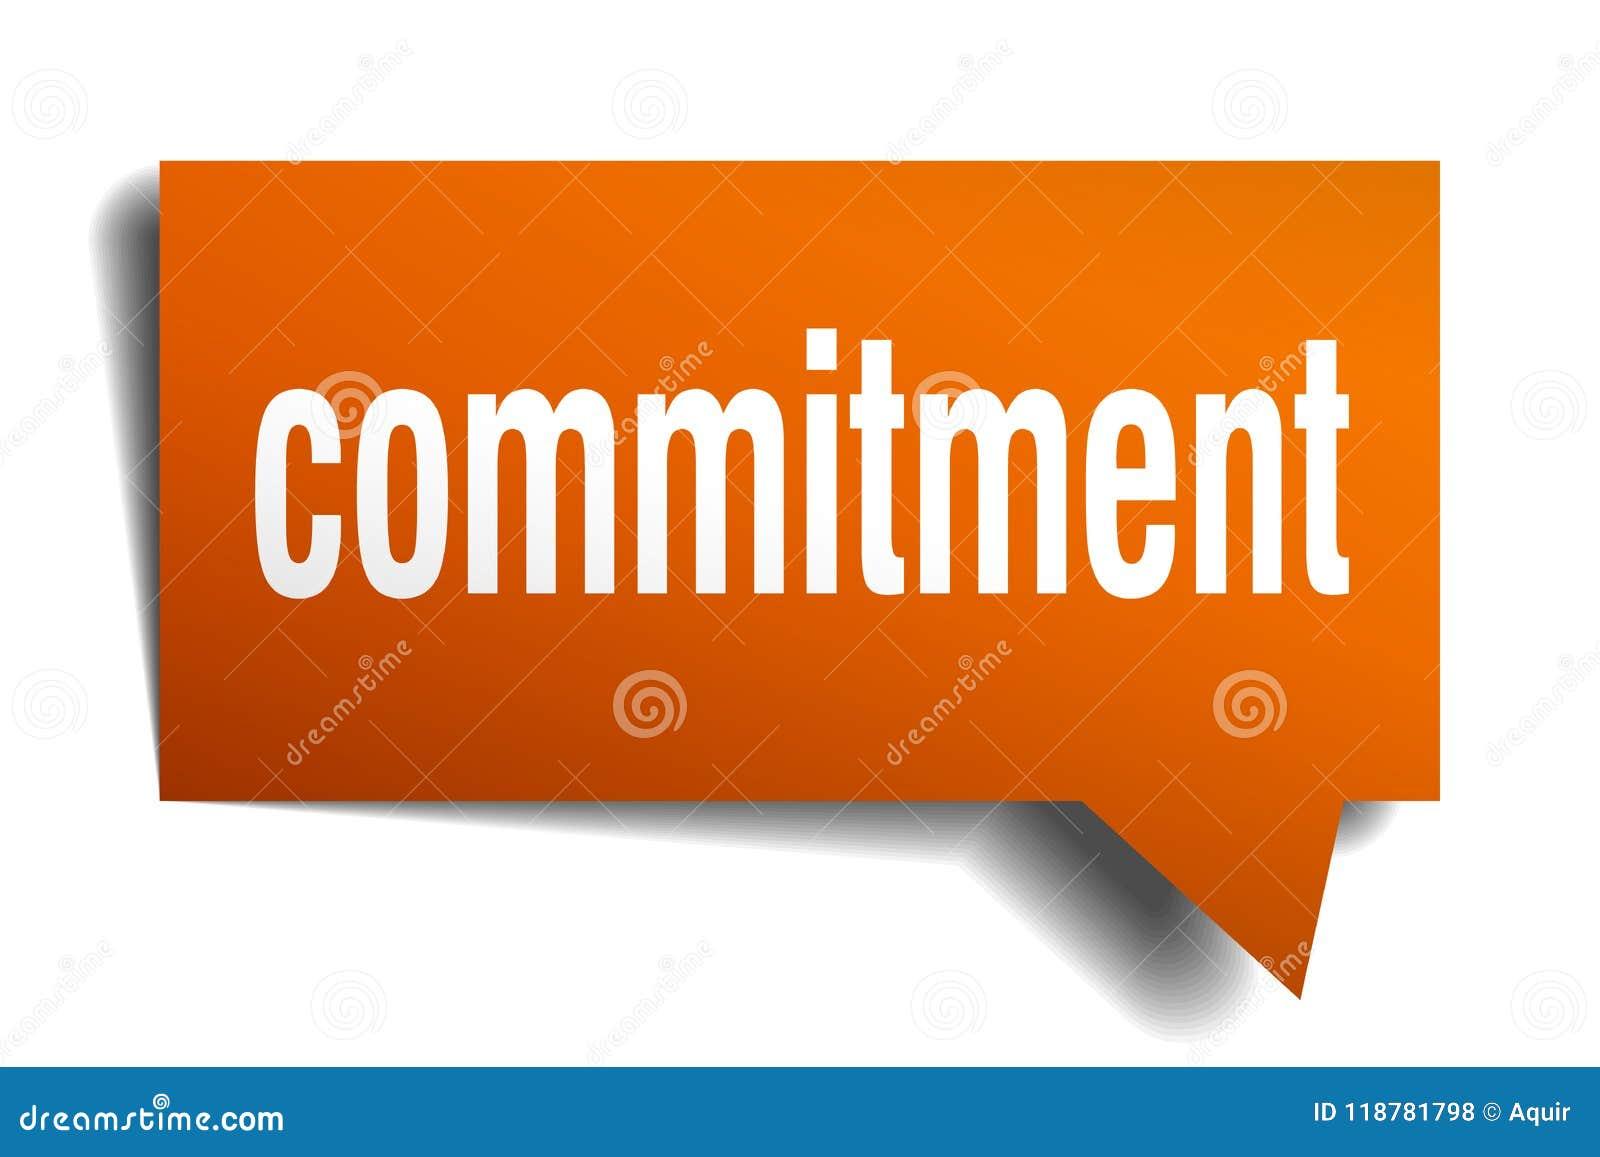 Commitment orange 3d speech bubble